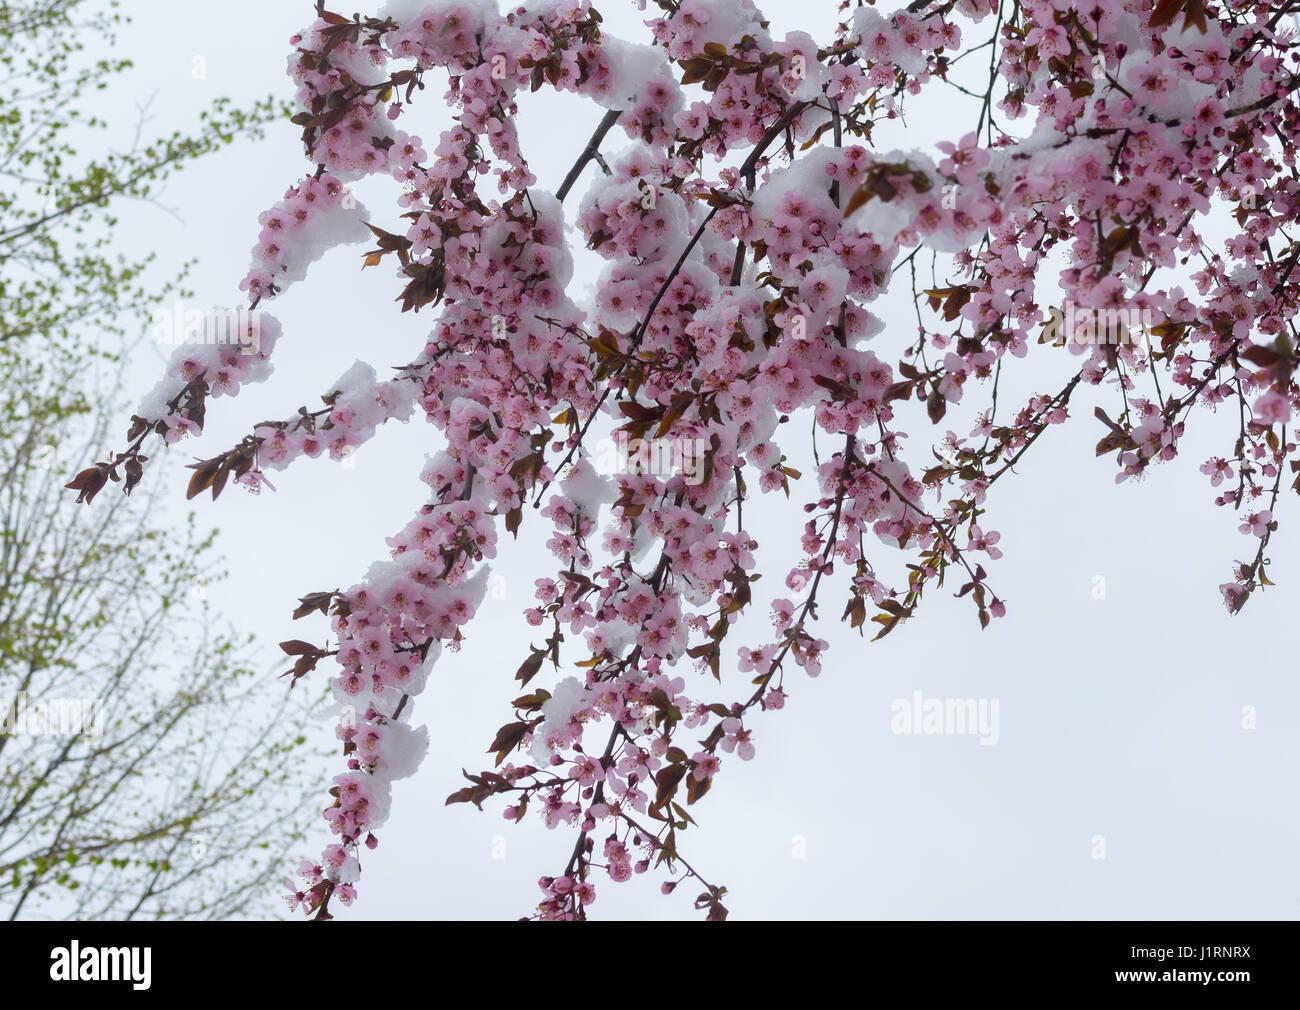 Branche de l'arbre de sakura en fleurs sous une tempête de neige Photo Stock